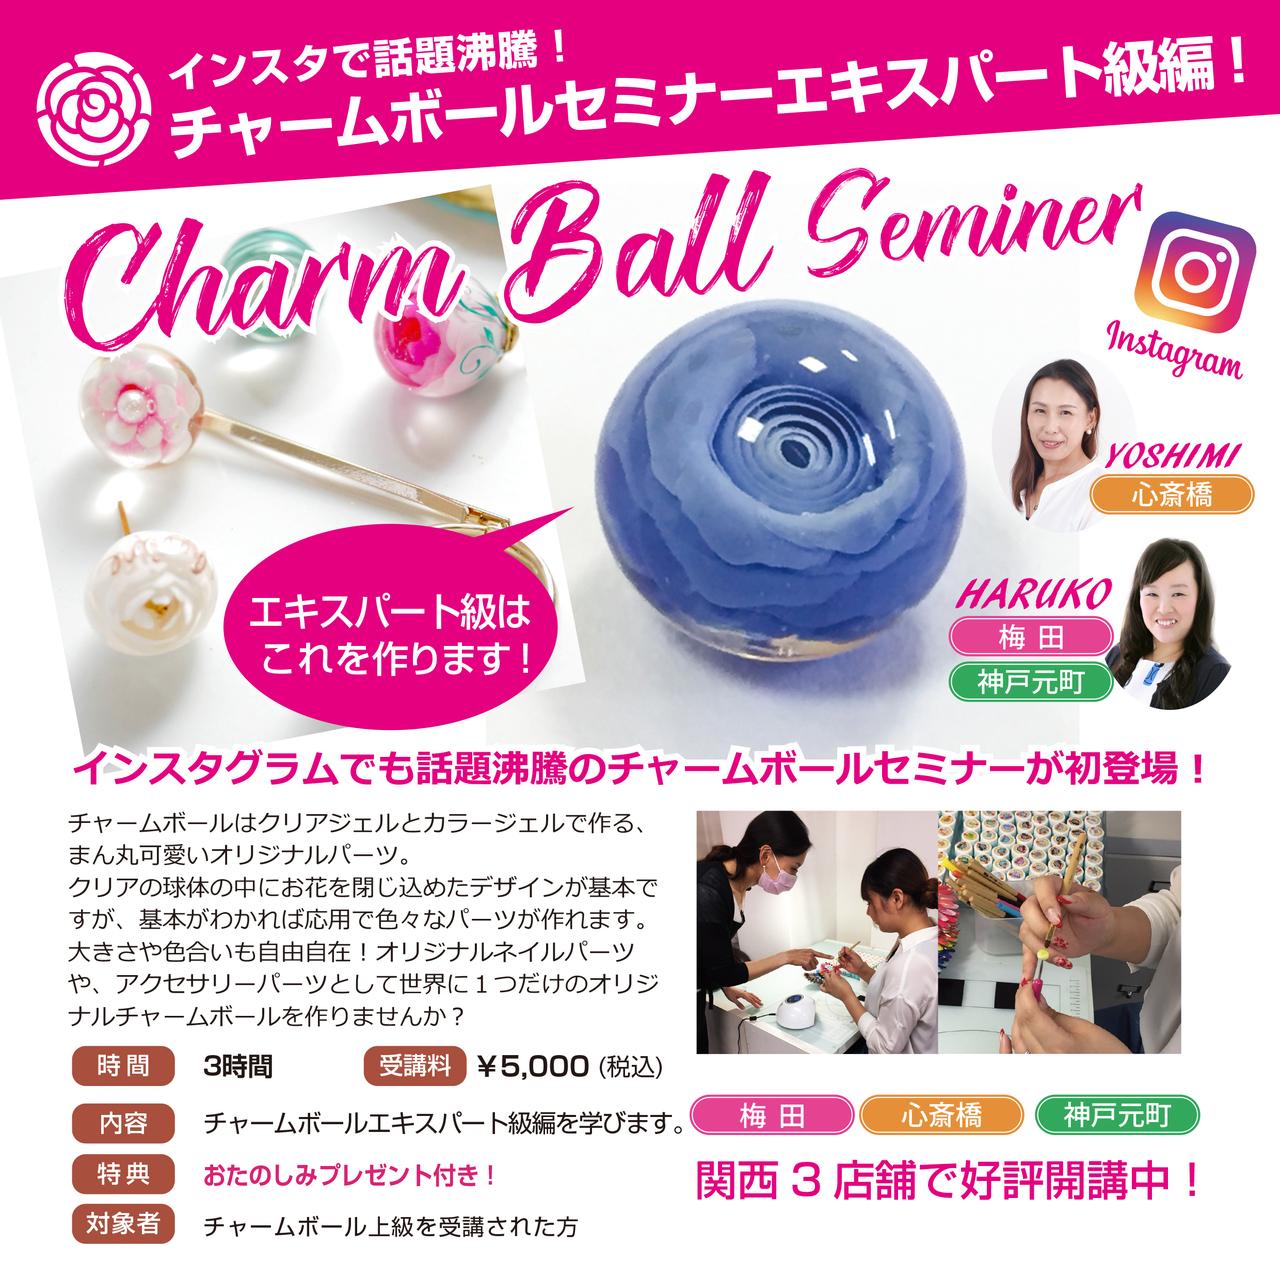 【大阪梅田】チャームボールhow-toセミナー エキスパート編